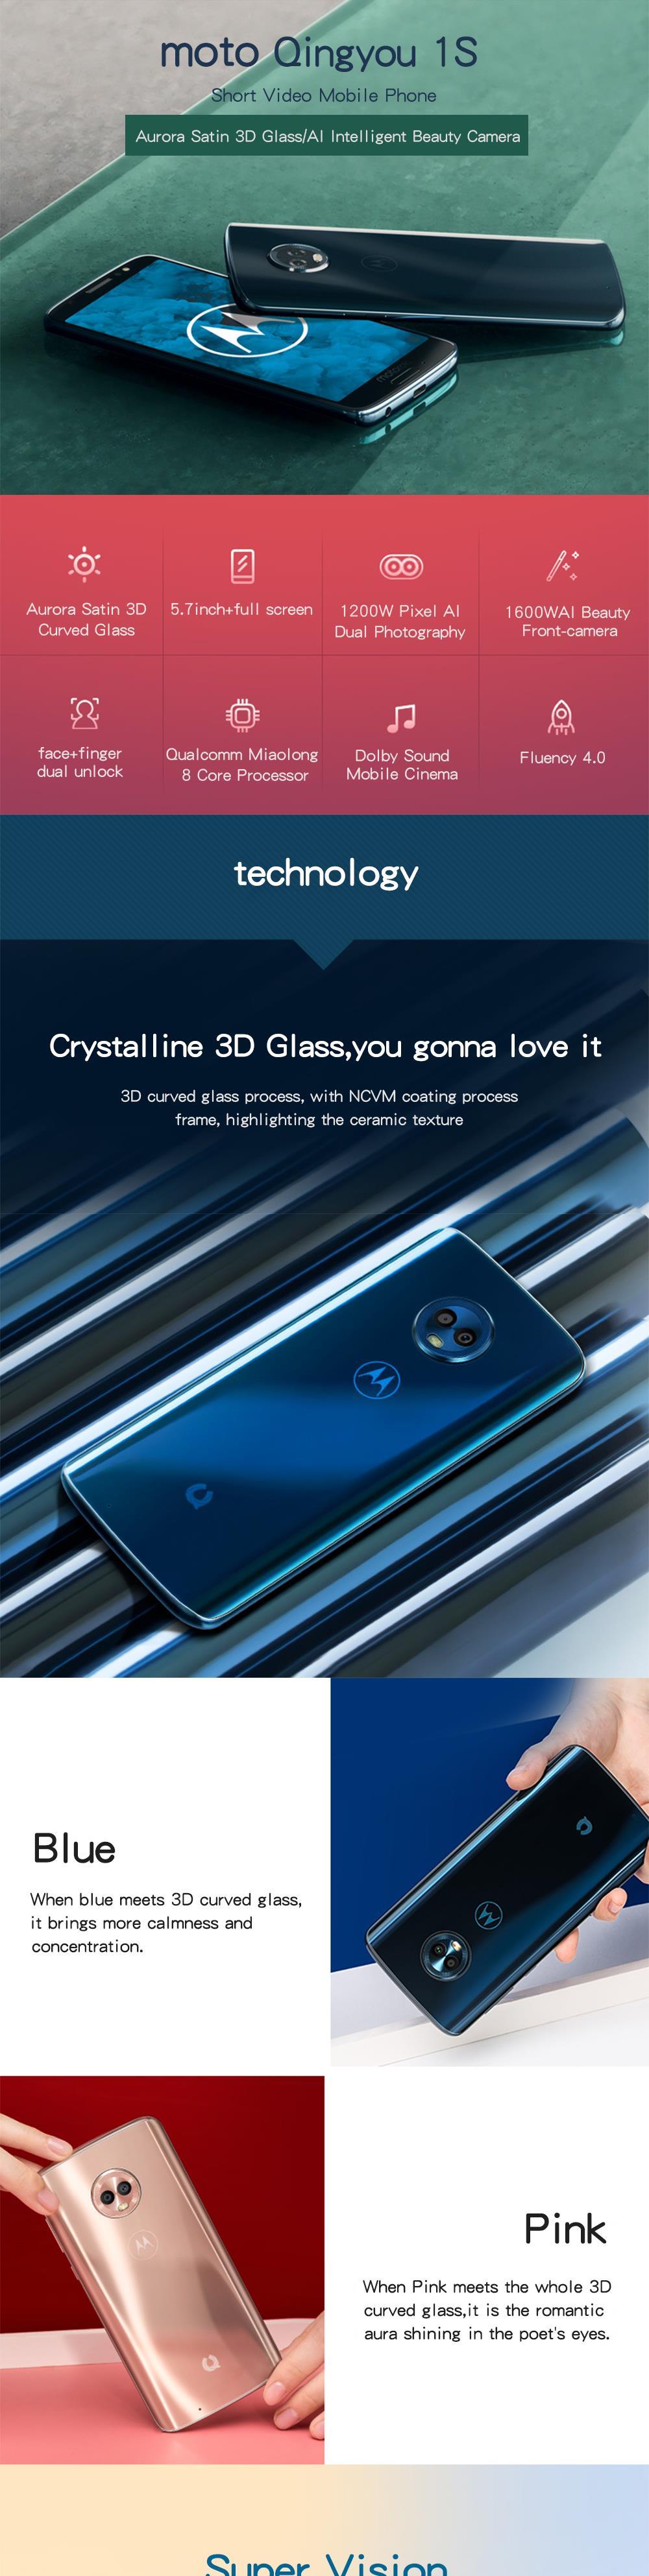 Teléfono Inteligente Moto G6 1